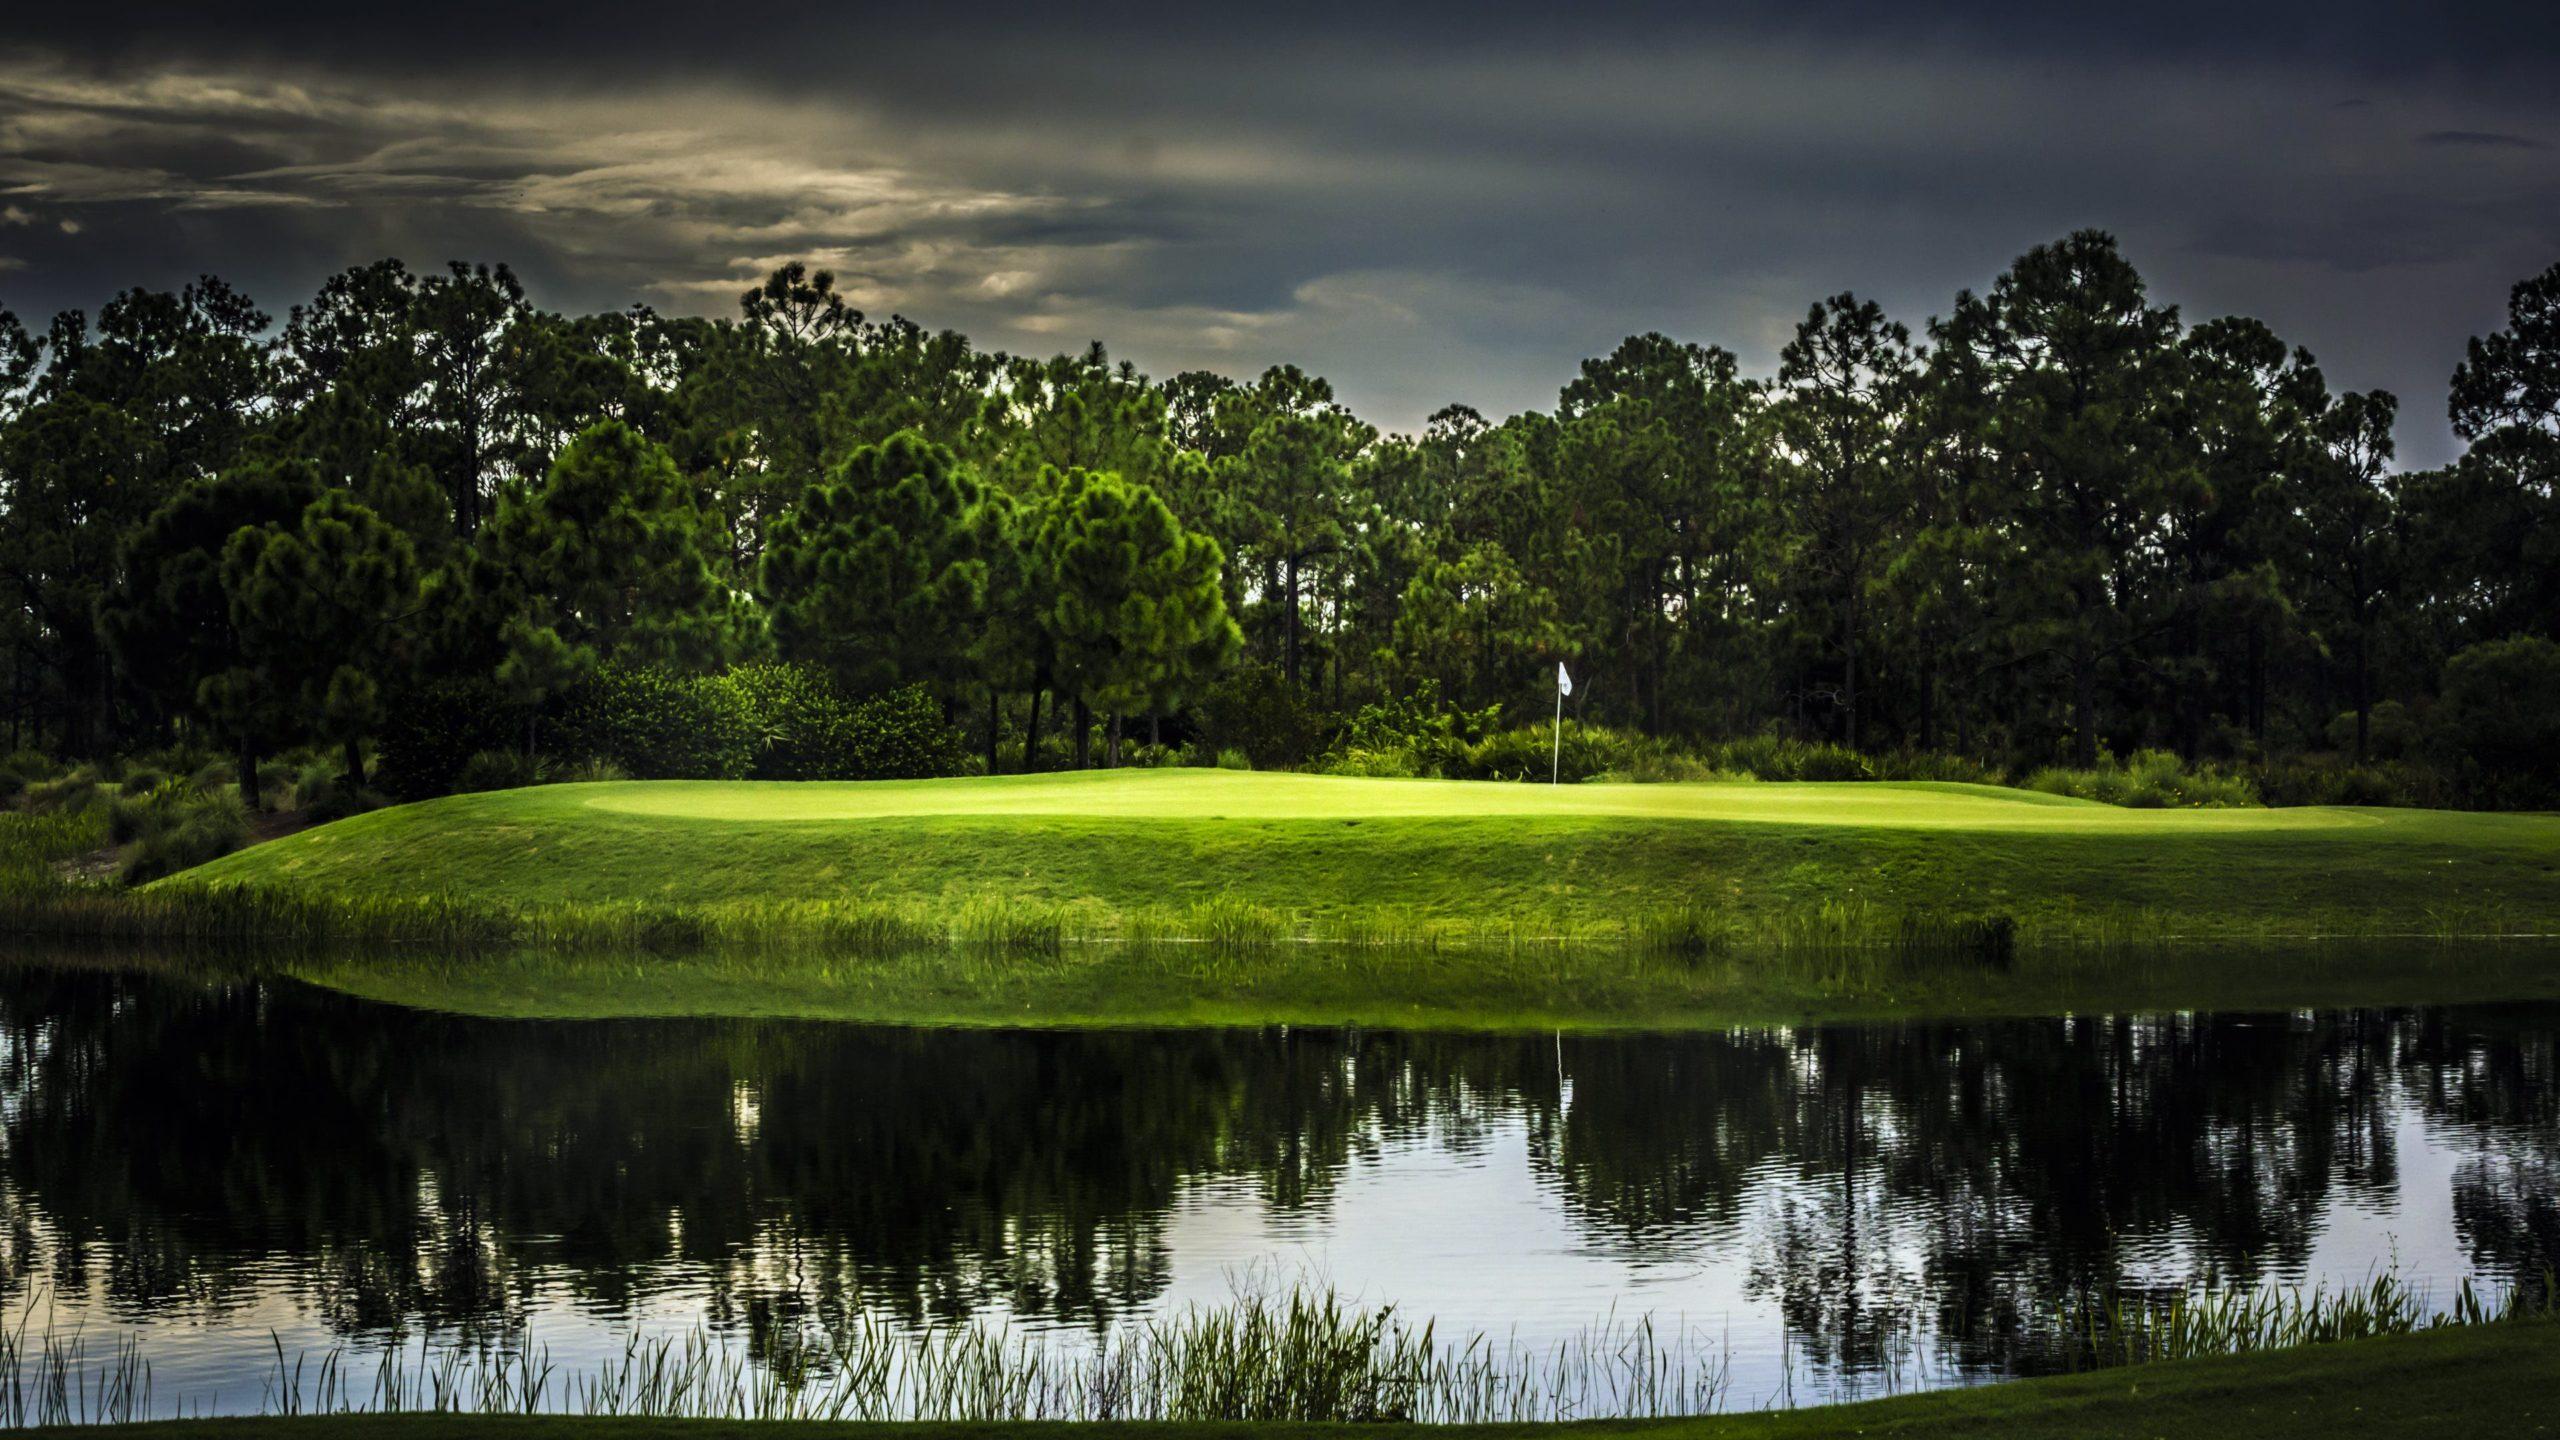 golf wallpaper hd